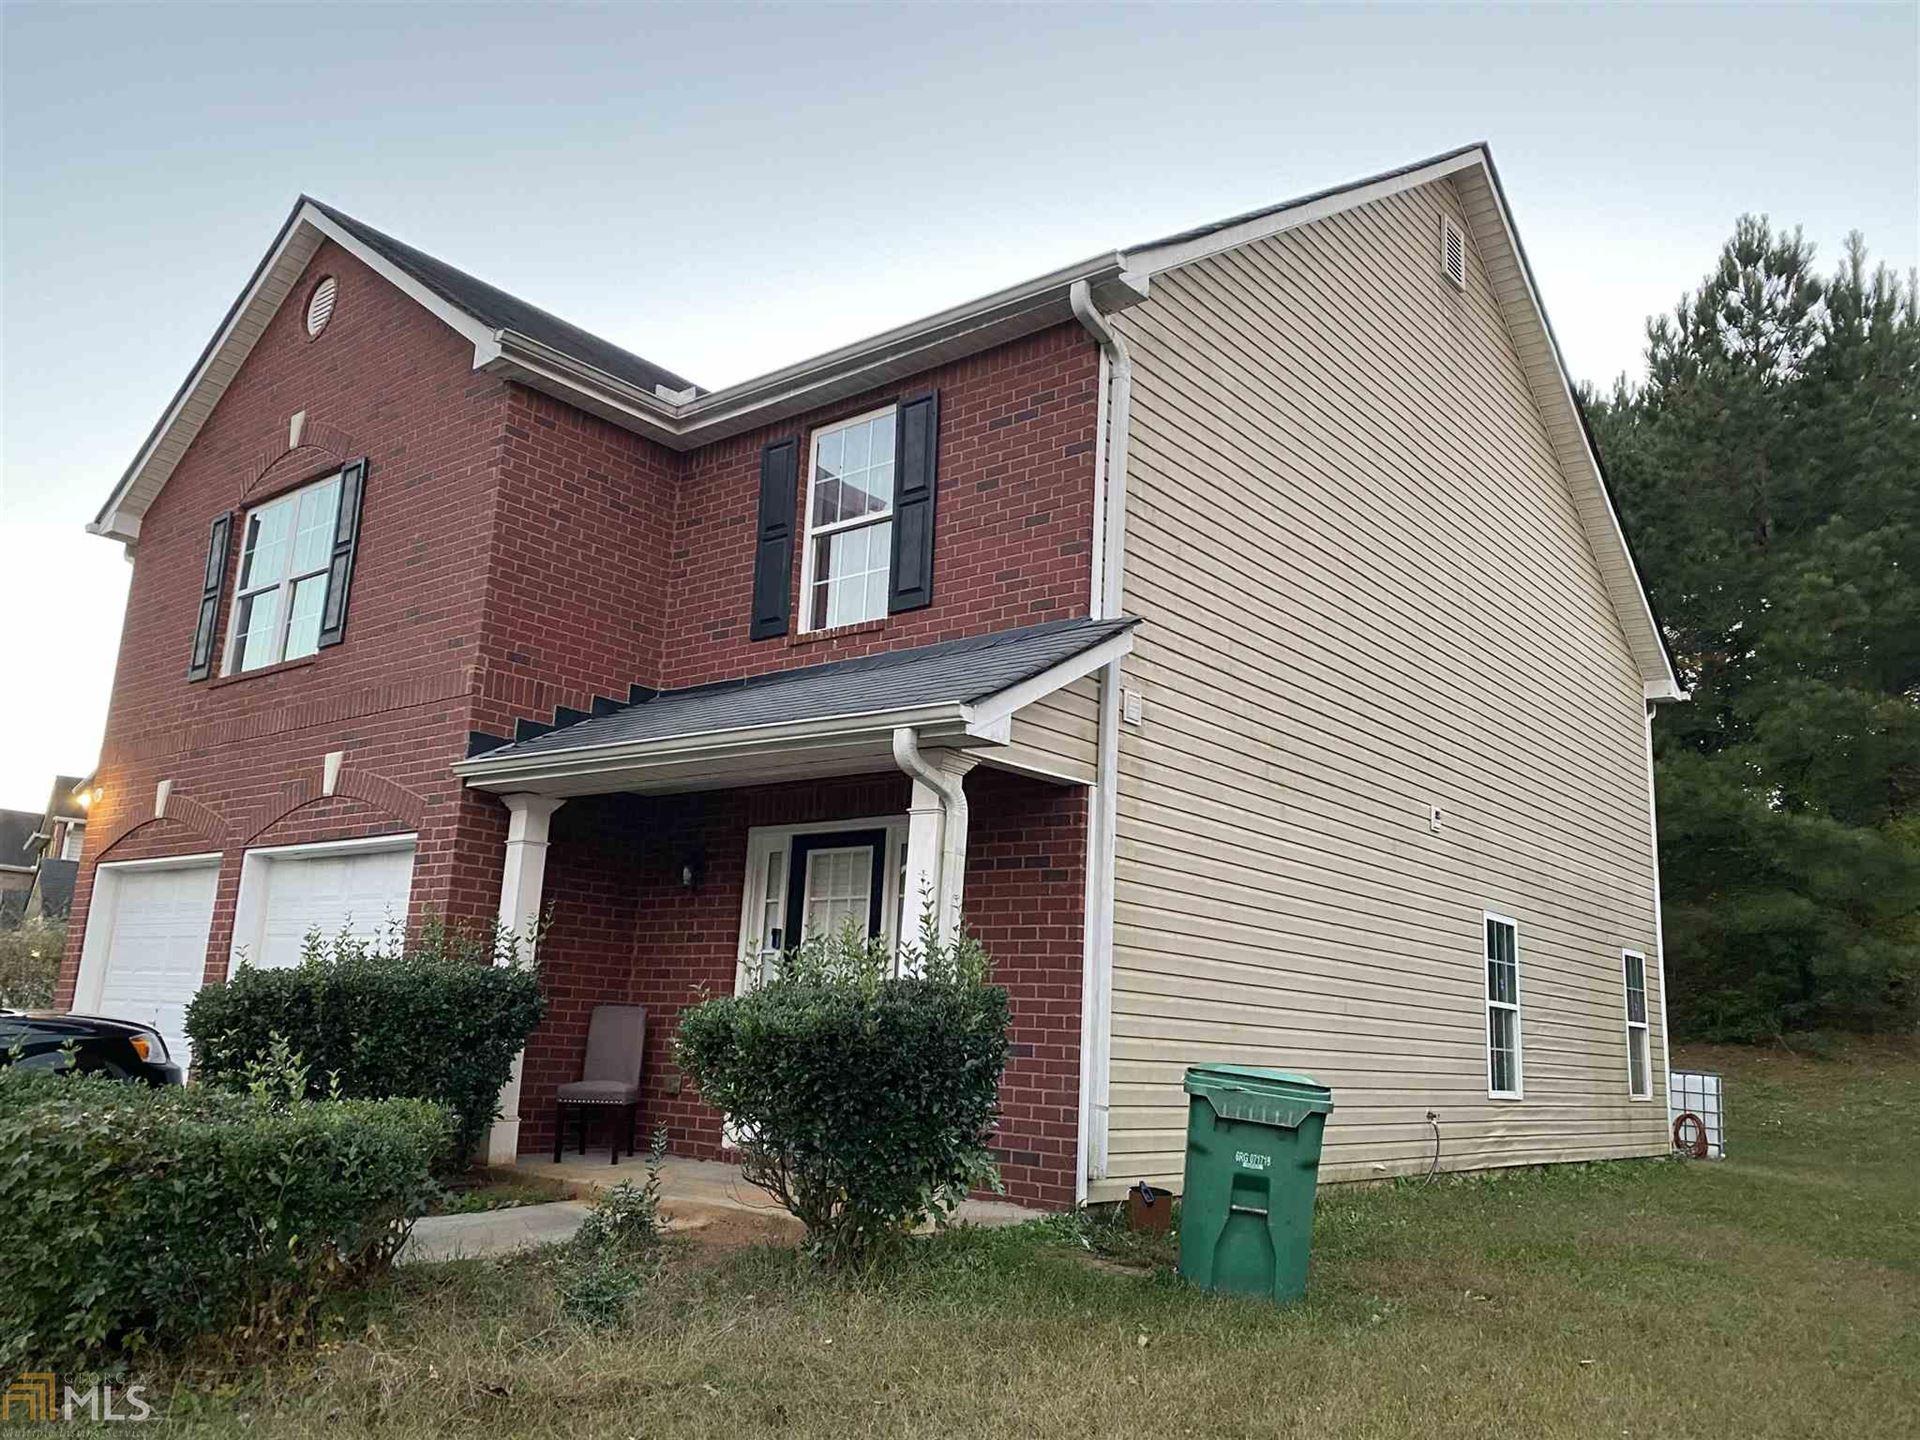 4040 Riverside Pkwy, Decatur, GA 30034 - MLS#: 8883286